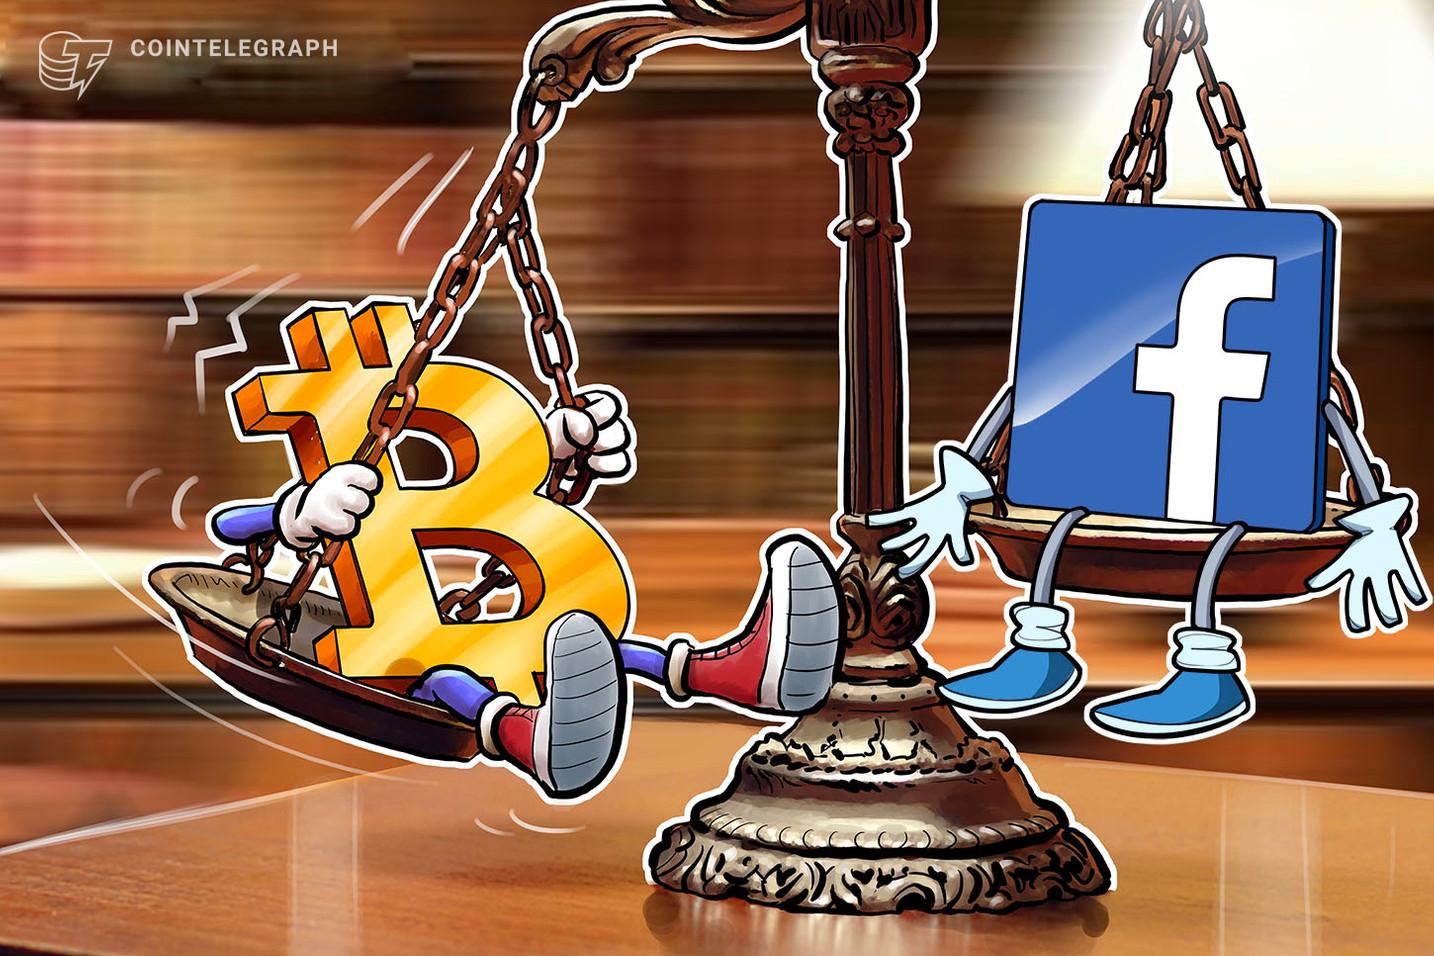 いや、フェイスブックではない。 仮想通貨ビットコインはリブラ発表前にすでに高騰していた